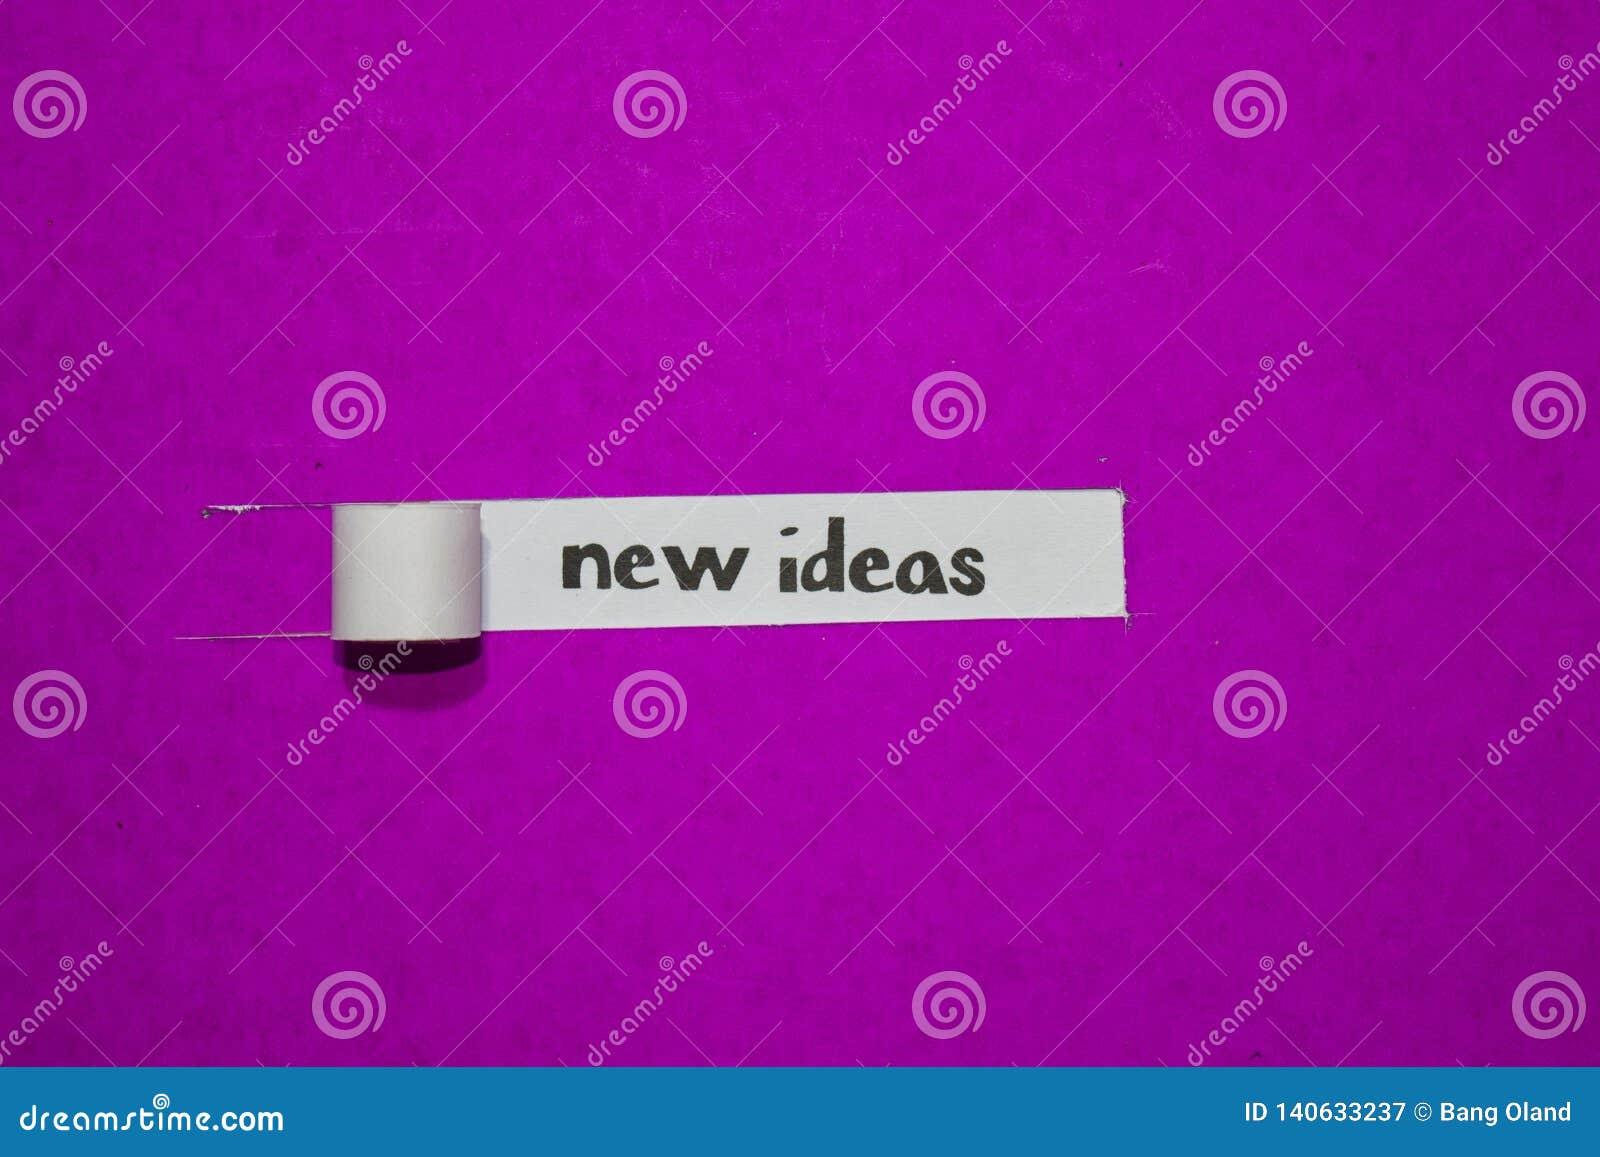 Nowy pomysłów, inspiracji, motywacji i biznesu pojęcie na purpura drzejącym papierze,